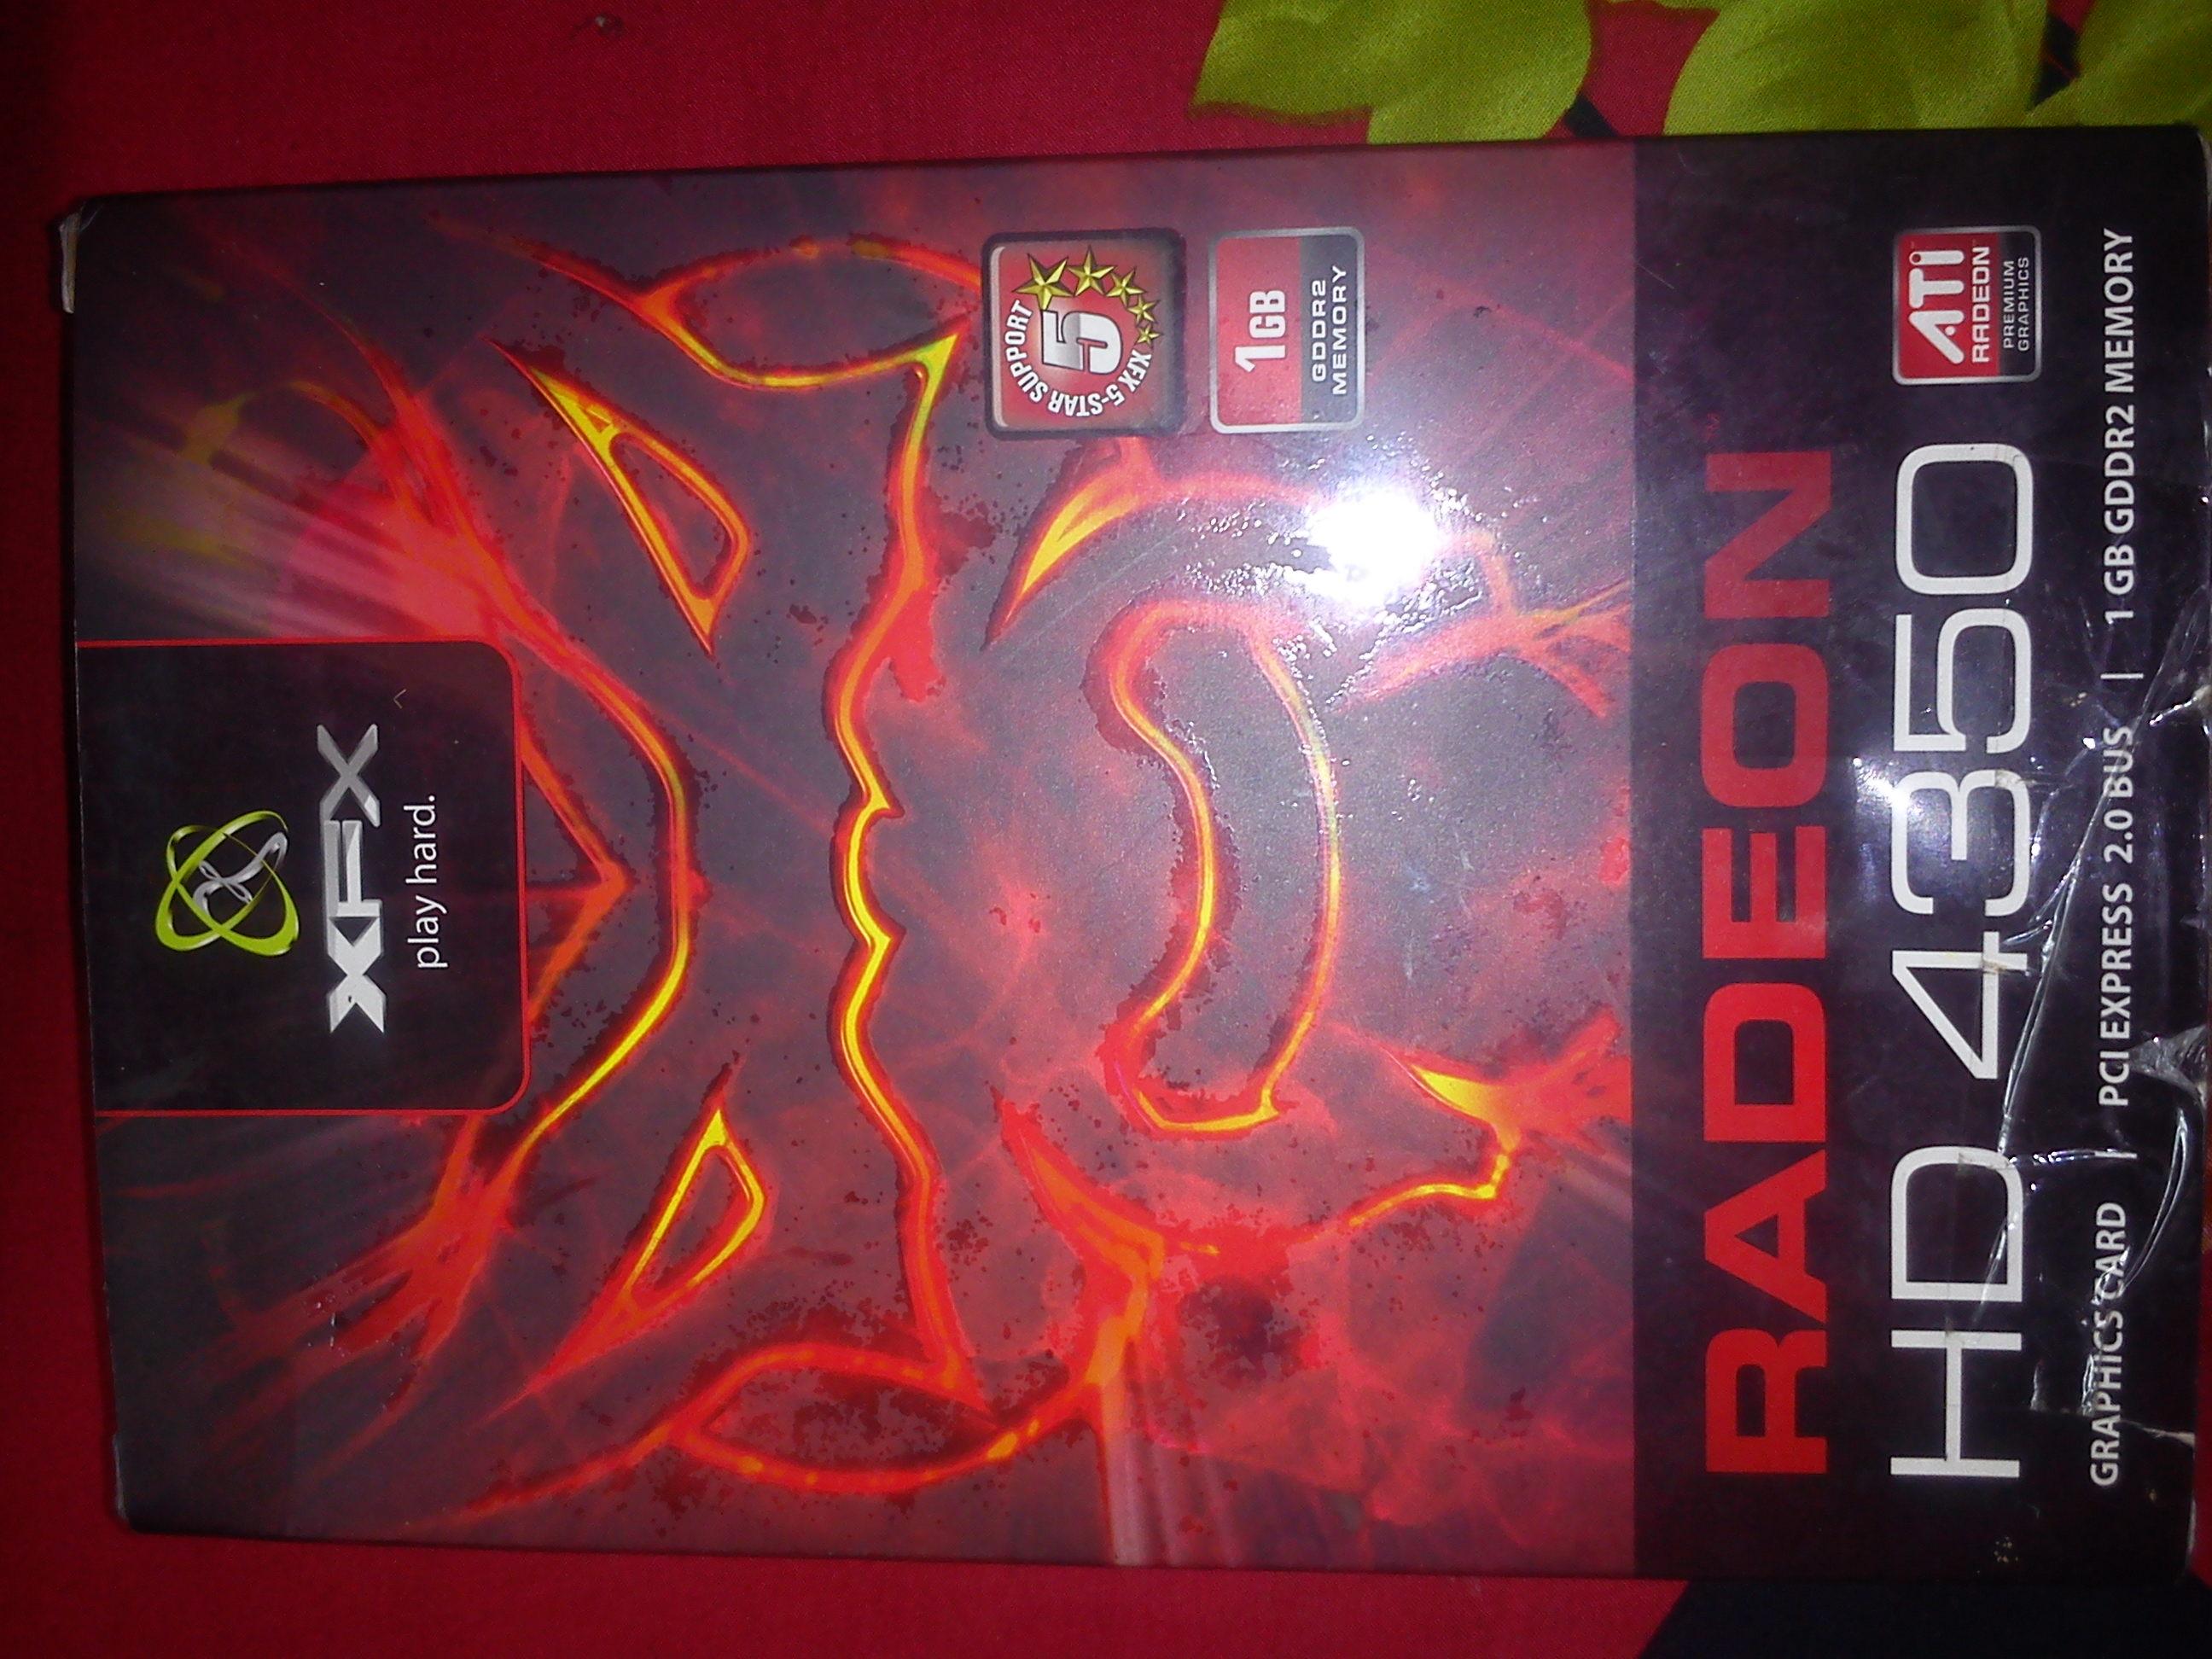 ATI RADEON HD 4350 1GB DDR2 GRAPHICS CARD | ClickBD